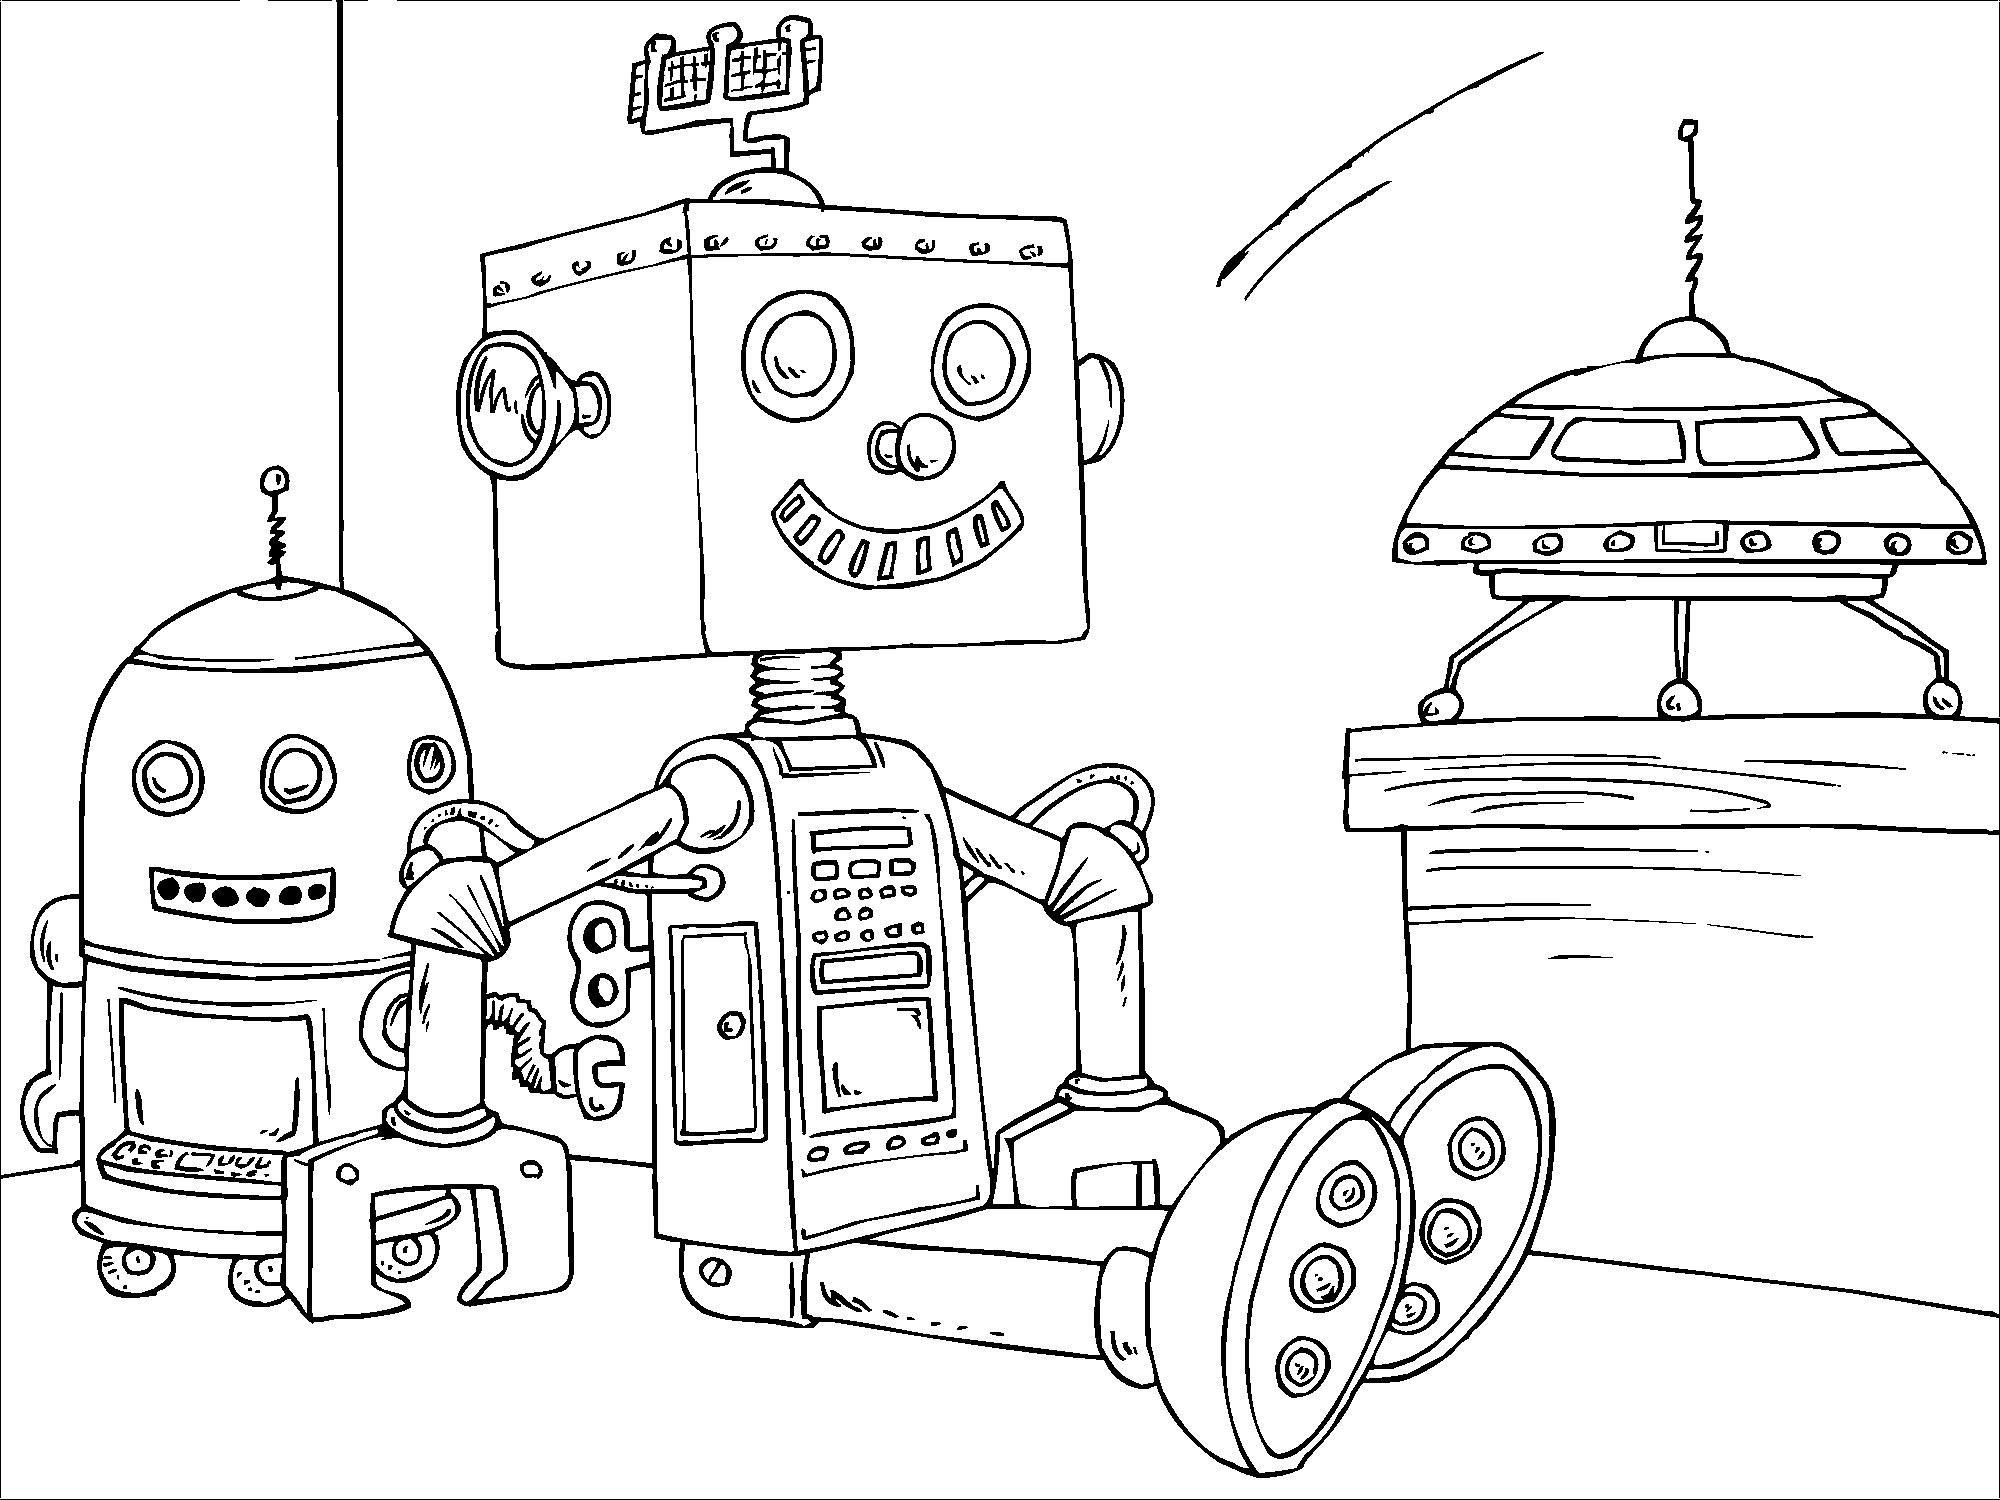 Coloriage Robot Jouet - Coloriages Gratuits À Imprimer dedans Coloriage Robot À Imprimer